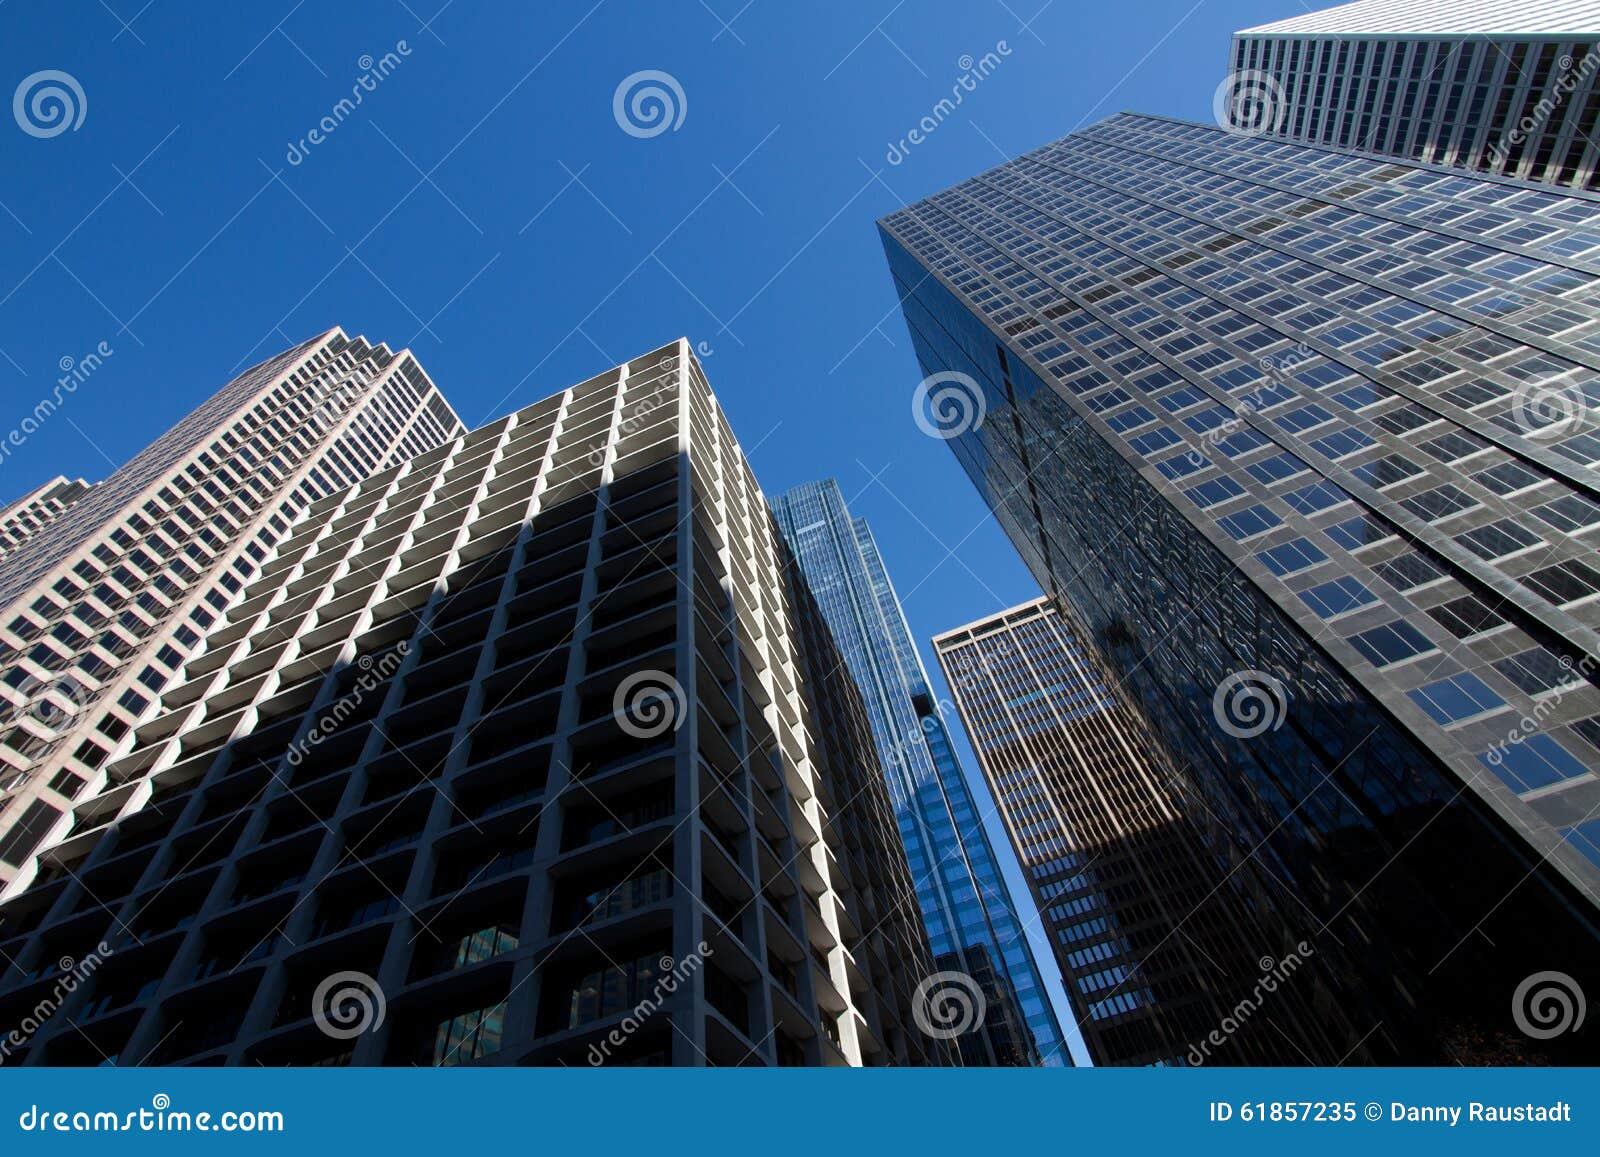 Regarder les bâtiments du centre de gratte-ciel de Chicago